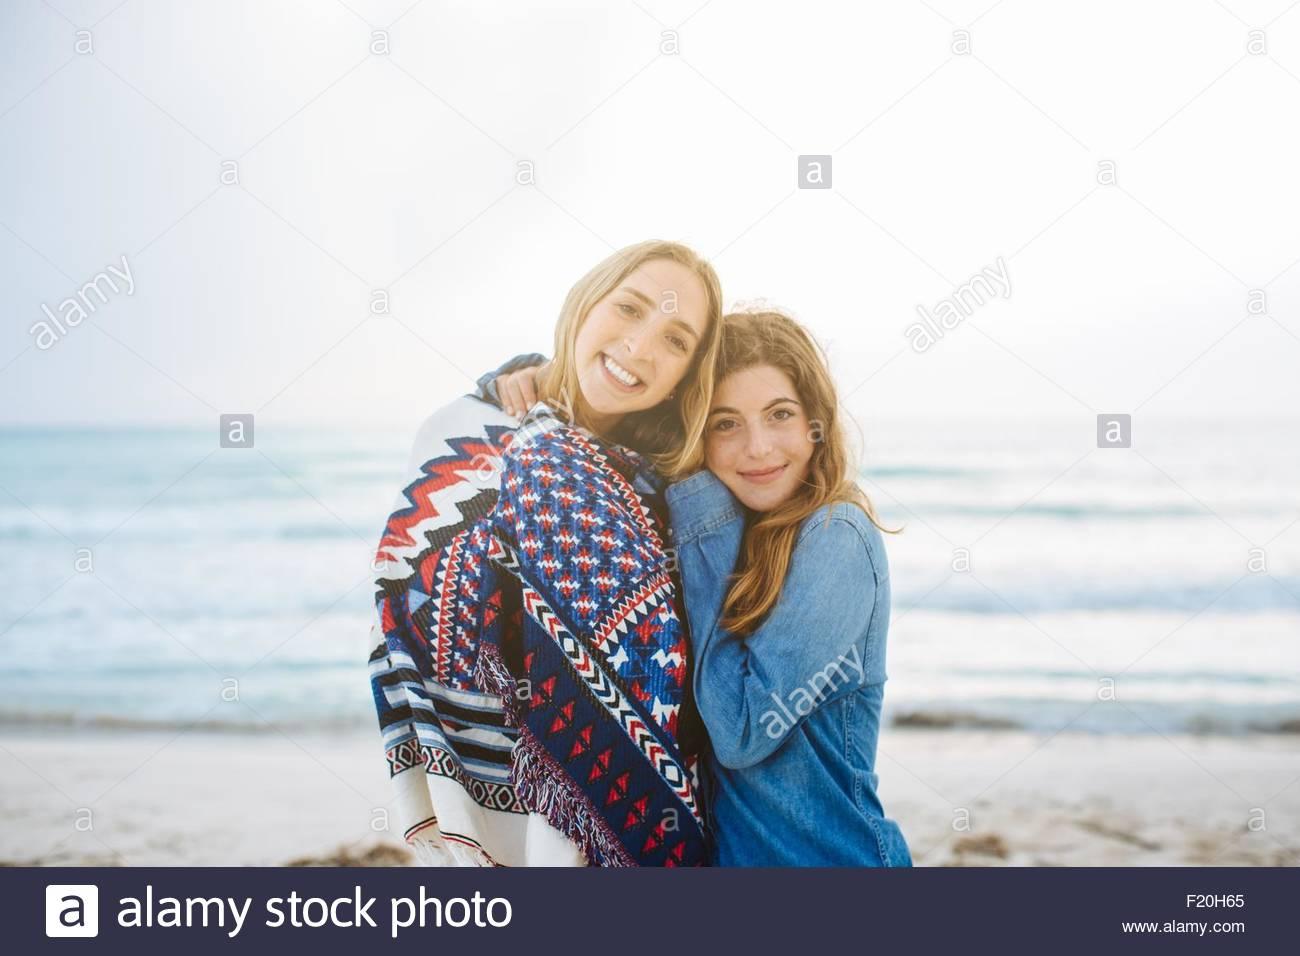 Ritratto di due giovani amici di sesso femminile costeggiata sulla spiaggia Immagini Stock